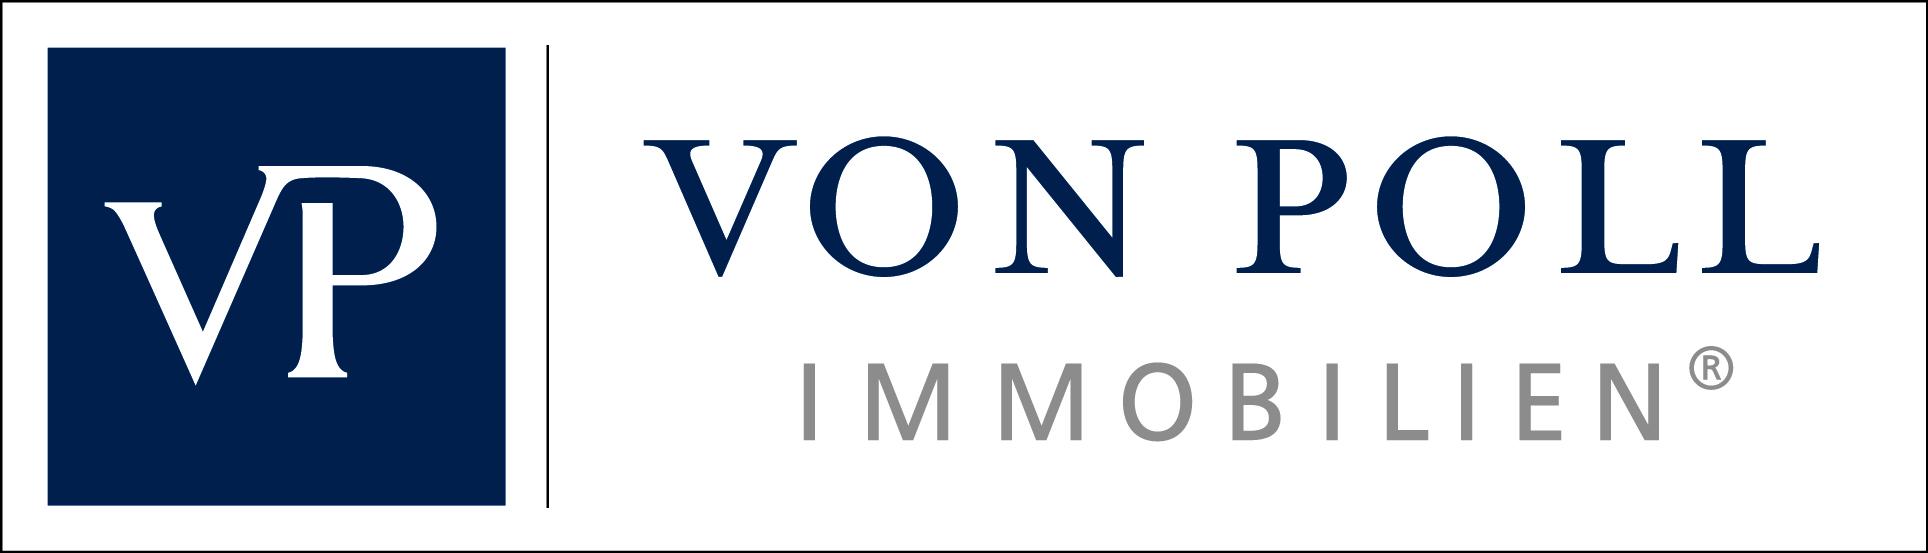 Hier sehen Sie das Logo von von Poll Immobilien GmbH